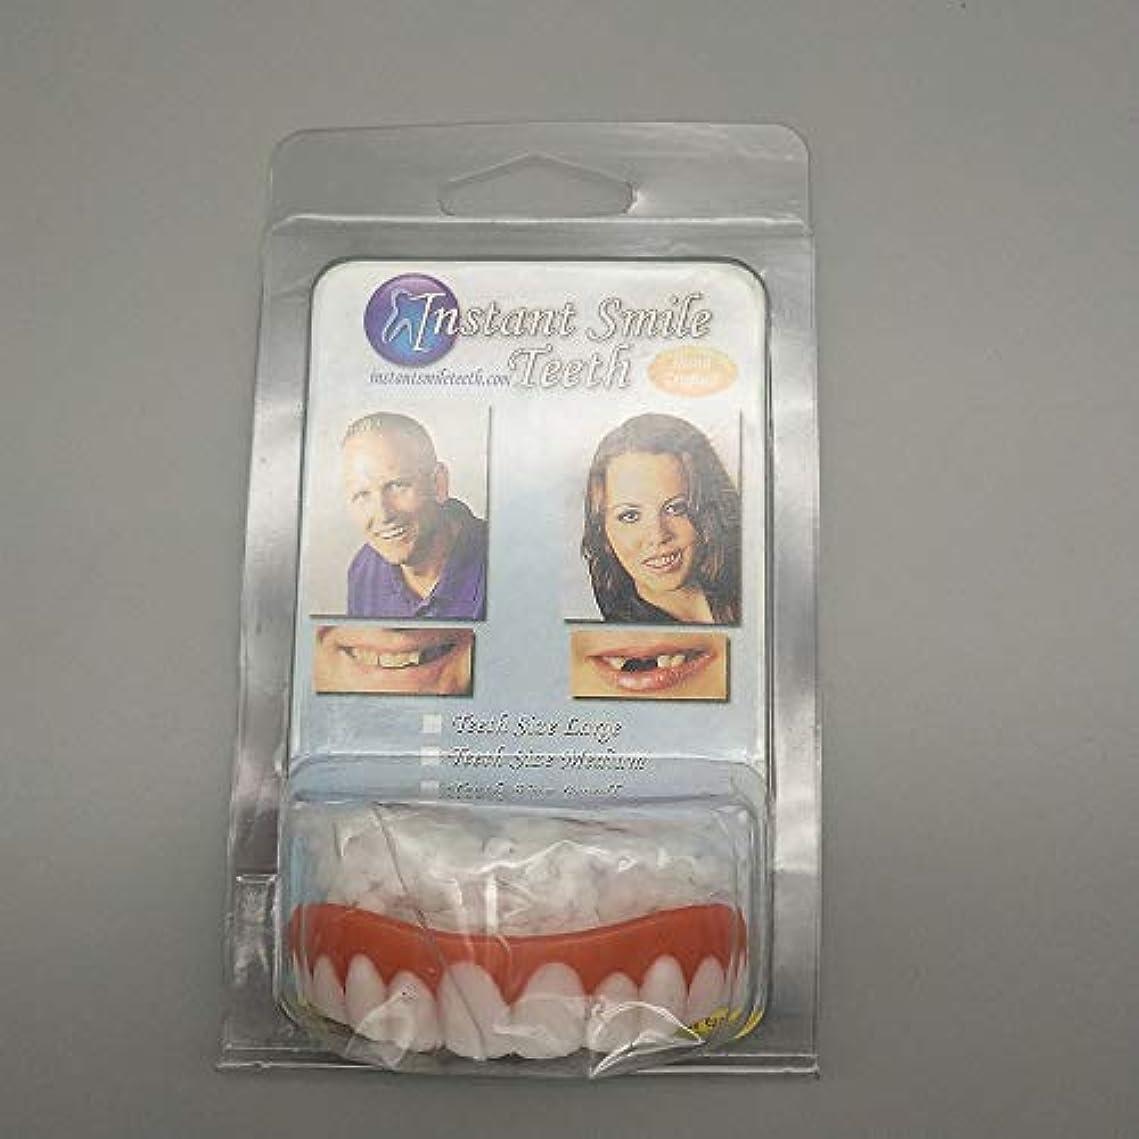 神聖名前で庭園シリコーンシミュレーション歯ブレース、ホワイトニング義歯,Lower,OPP